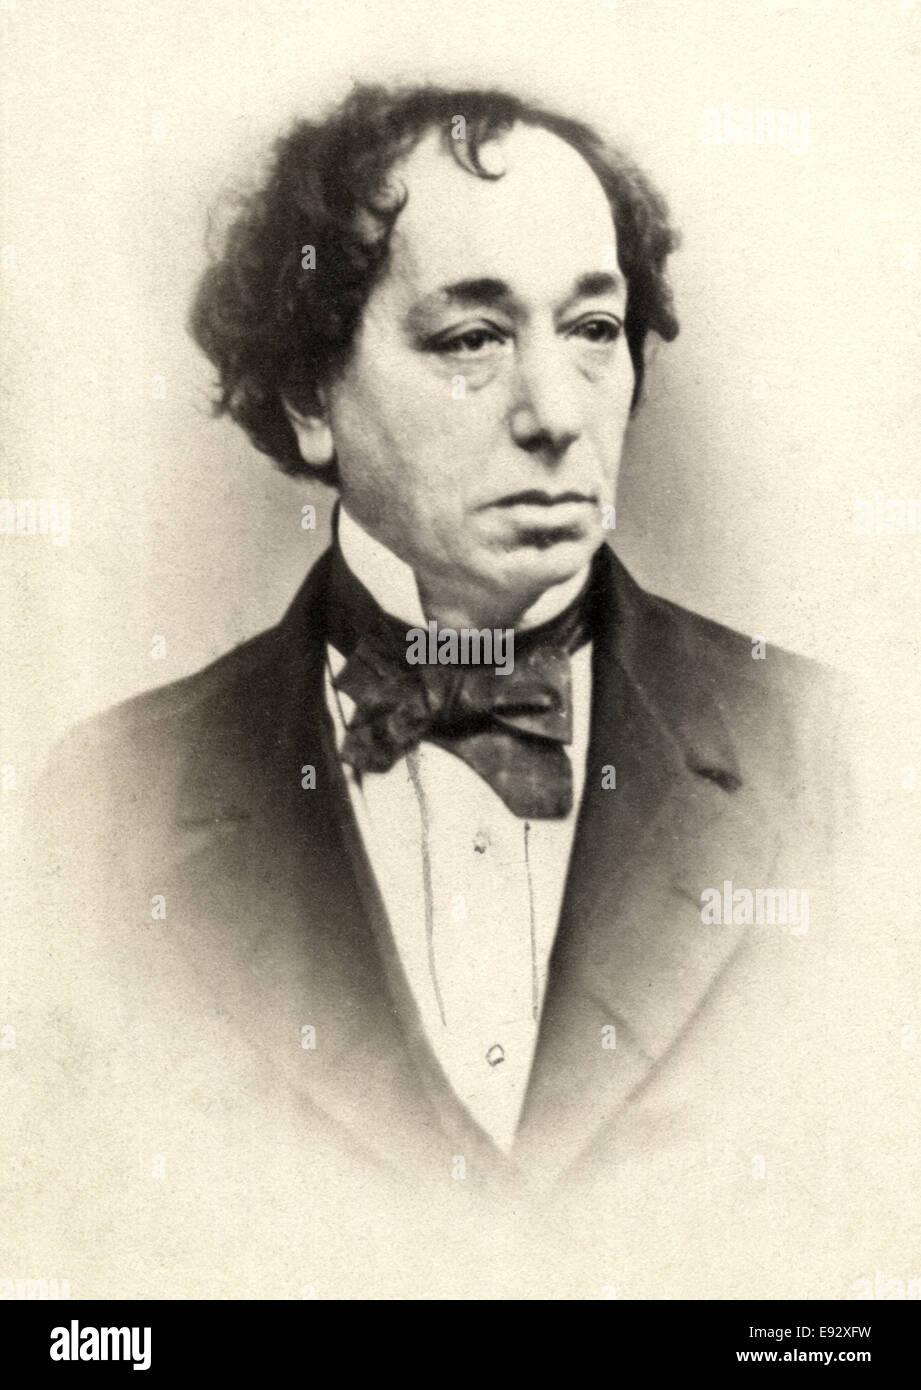 Benjamin Disraeli (1804-1881), British Politician and Prime Minister of the United Kingdom, Portrait, circa 1870 Stock Photo